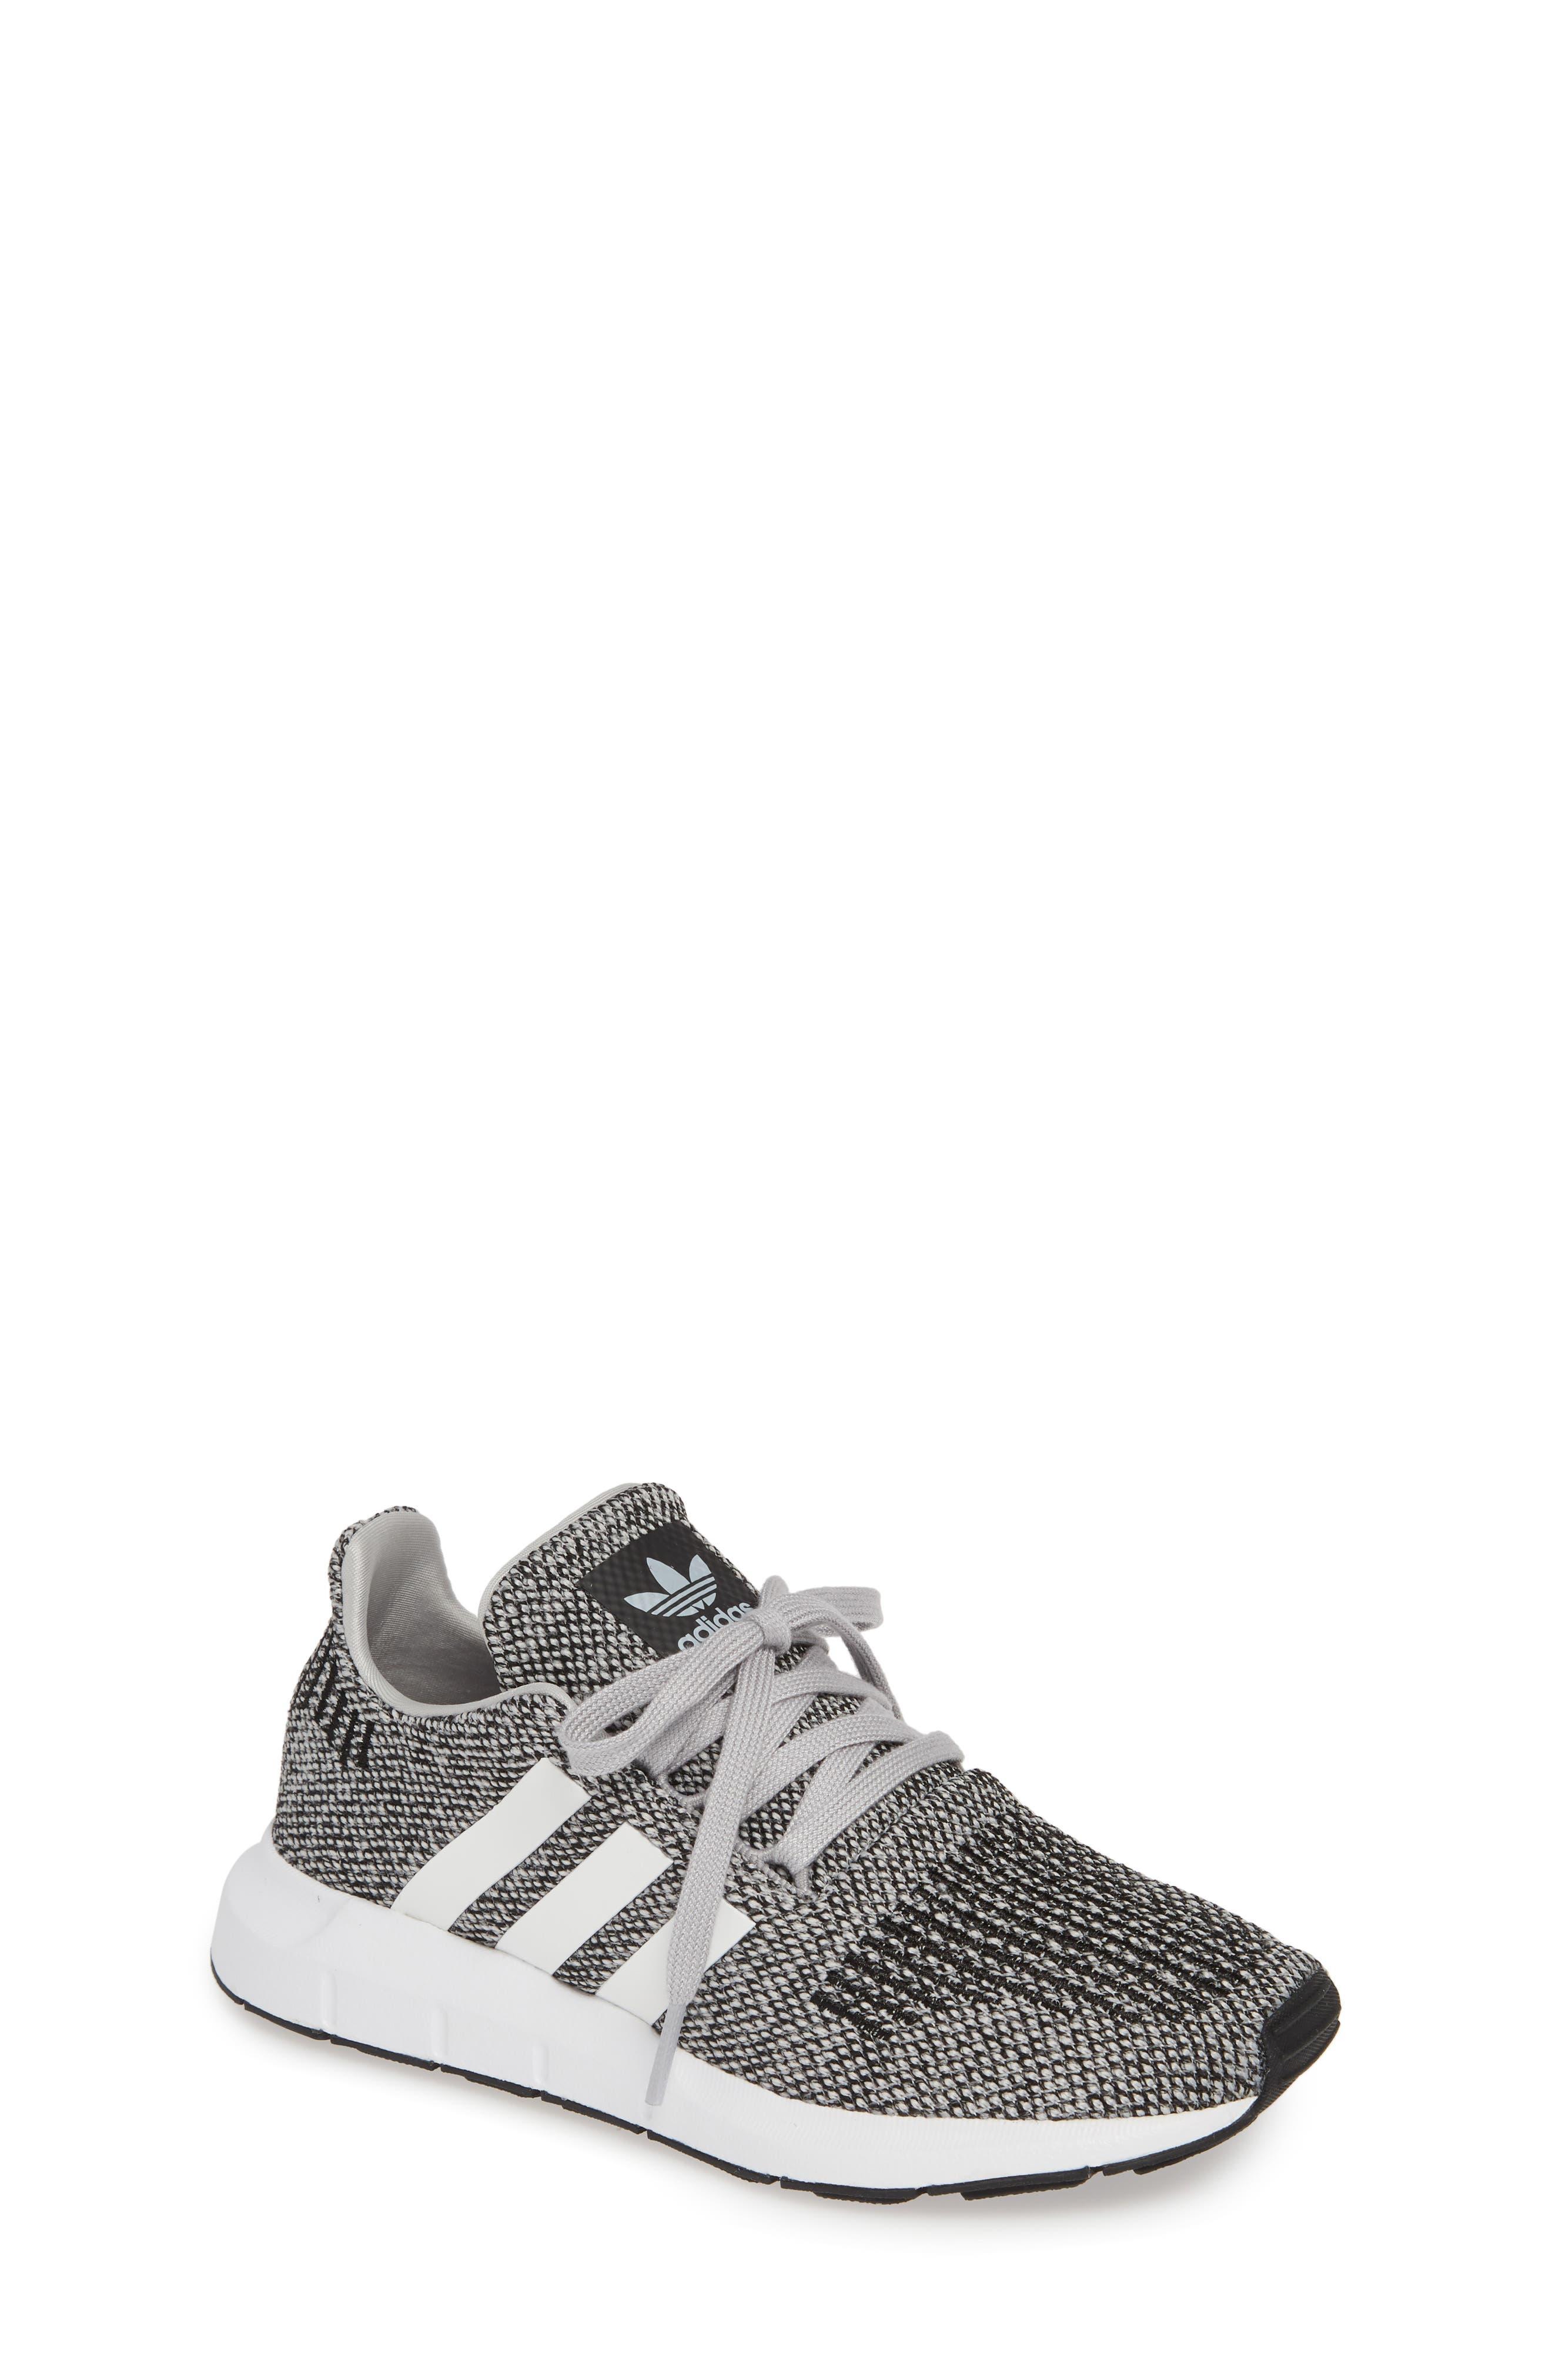 Toddler Adidas Swift Run J Sneaker Size 12 M  Grey